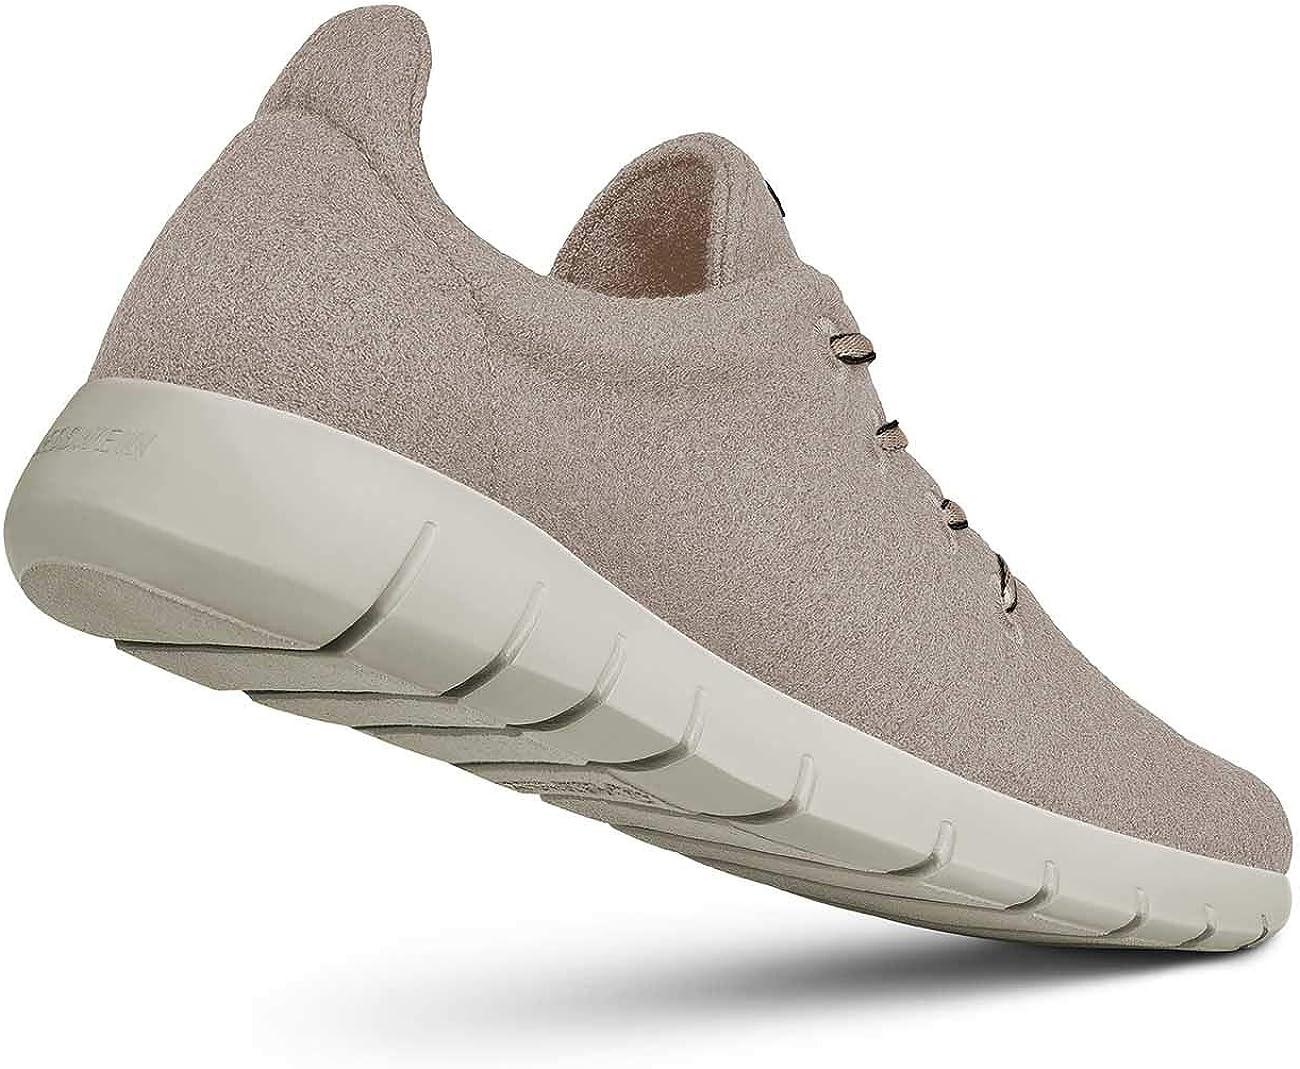 GIESSWEIN Men Runners Men - Baskets sportifs pour homme - Chaussures respirantes - 100 % laine mérinos Sandmelé